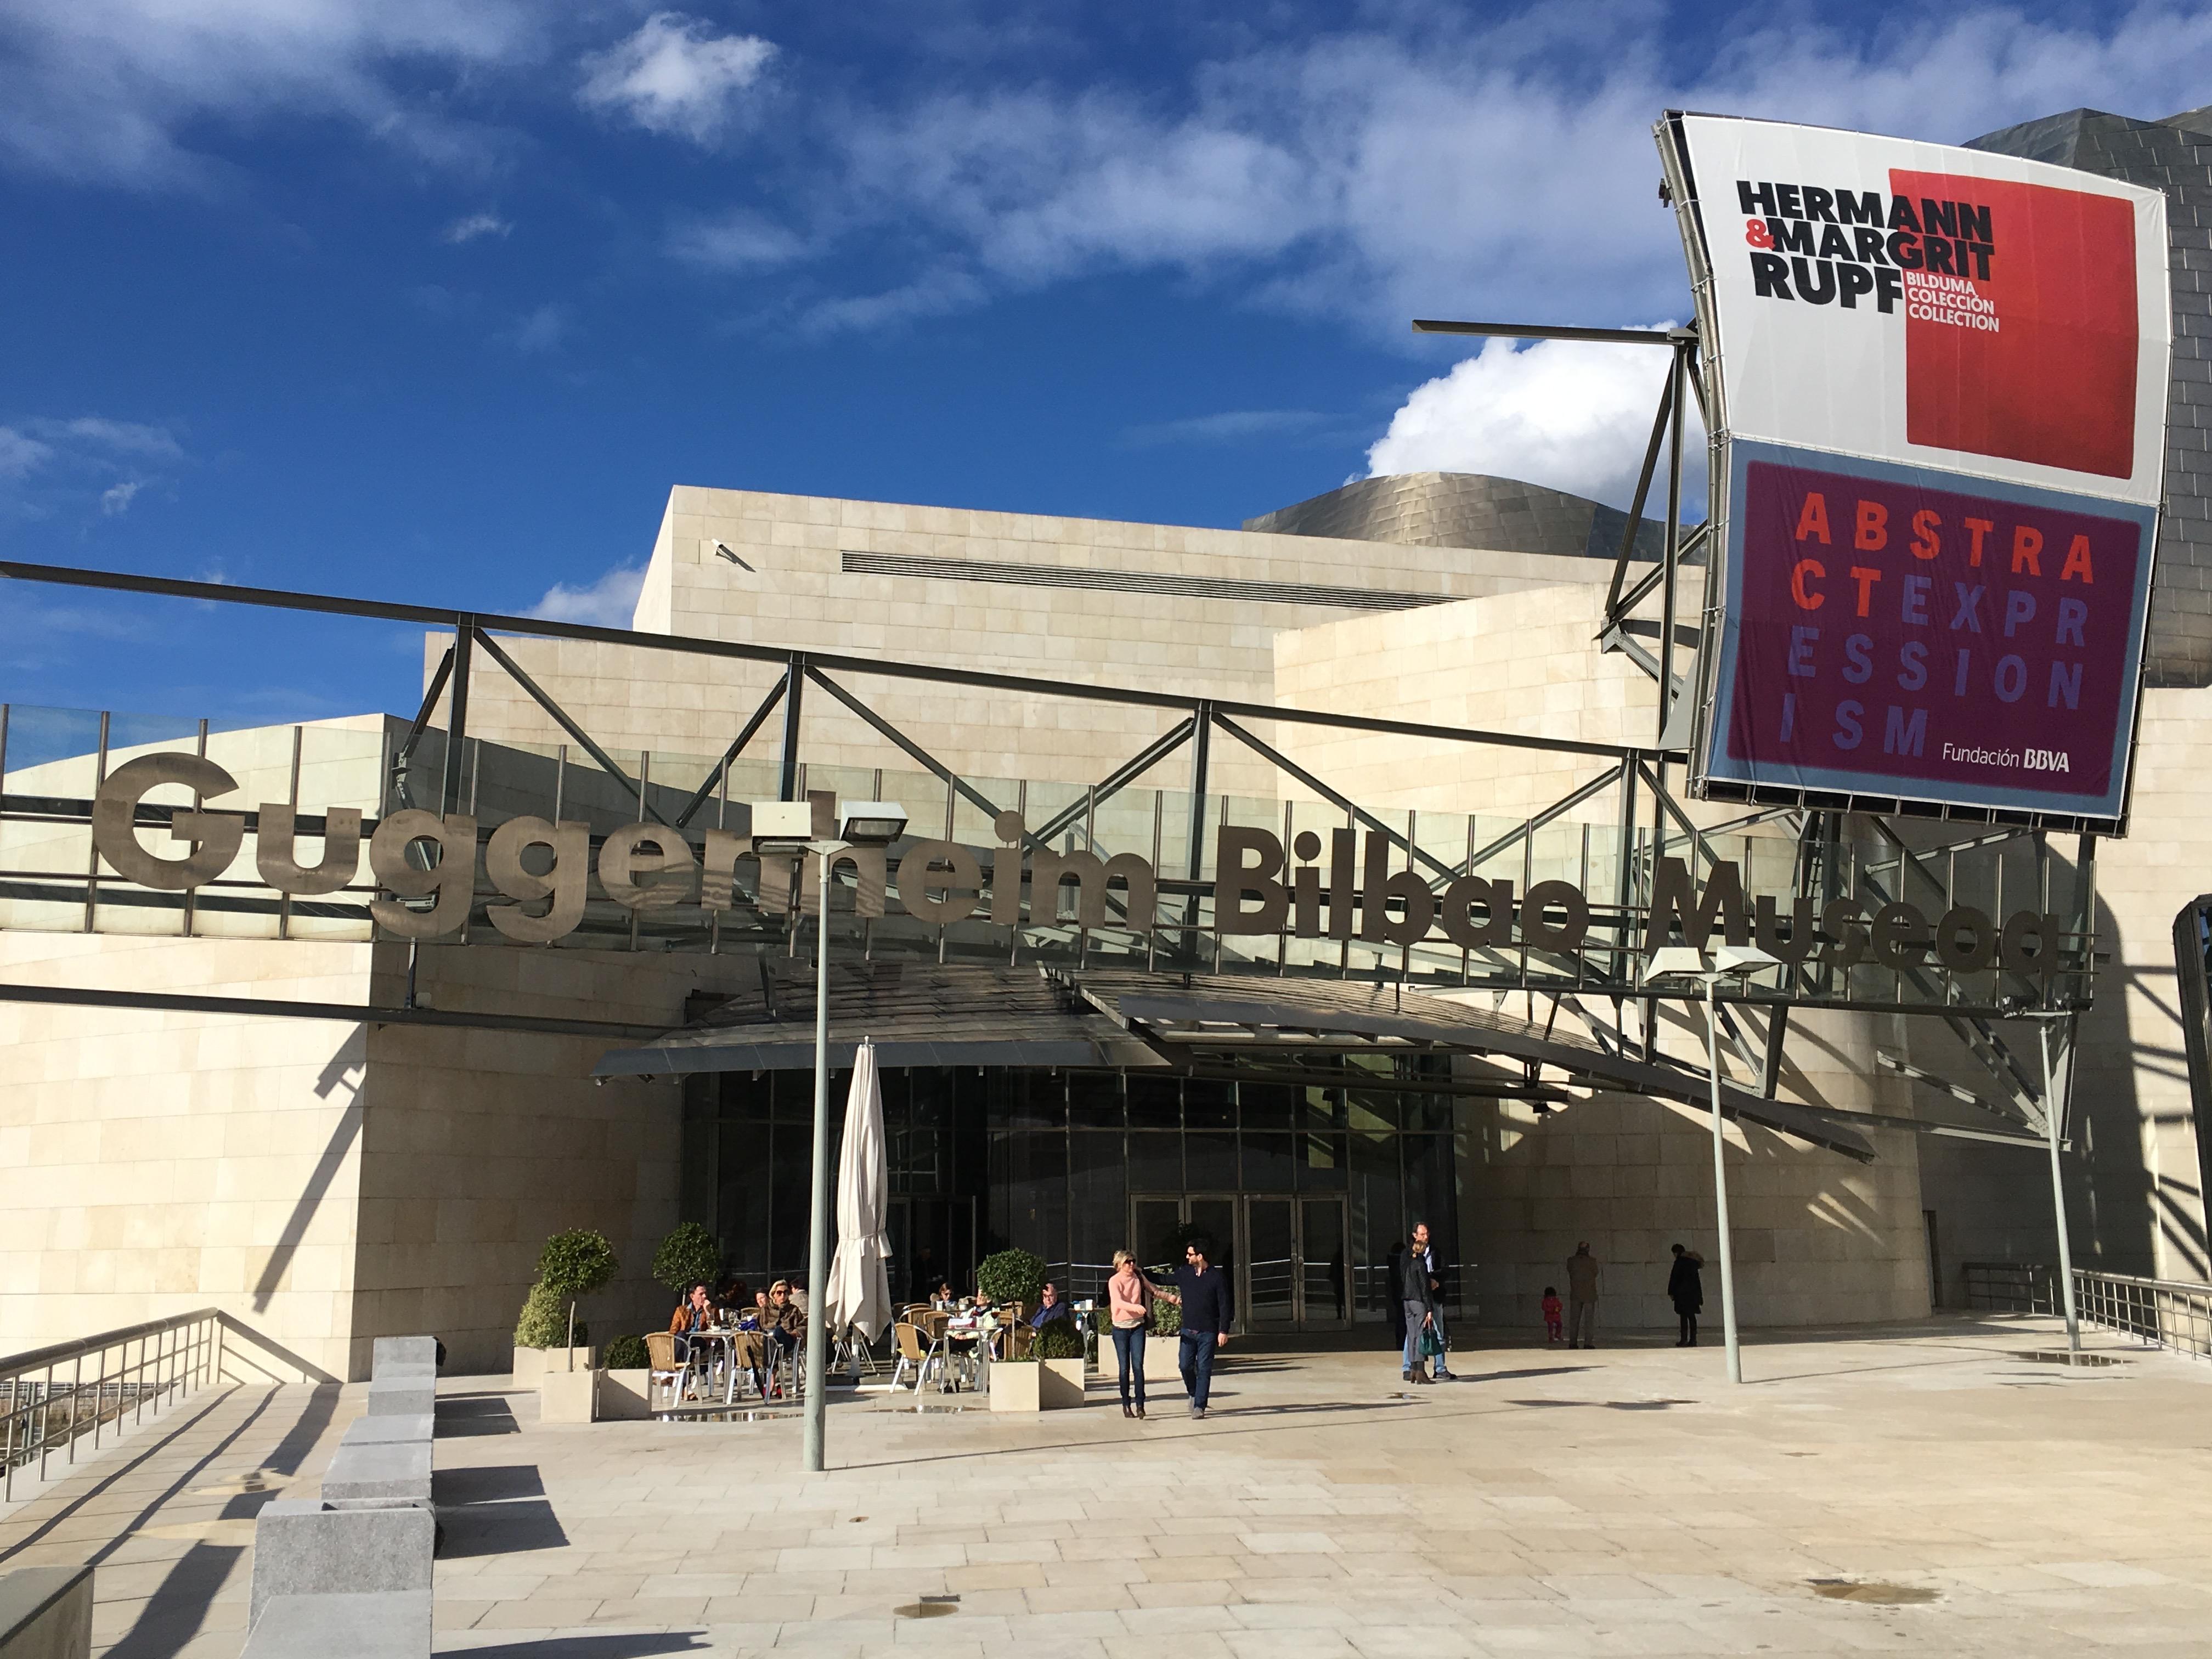 visiter Bilbao musée Guggenheim en mode basque